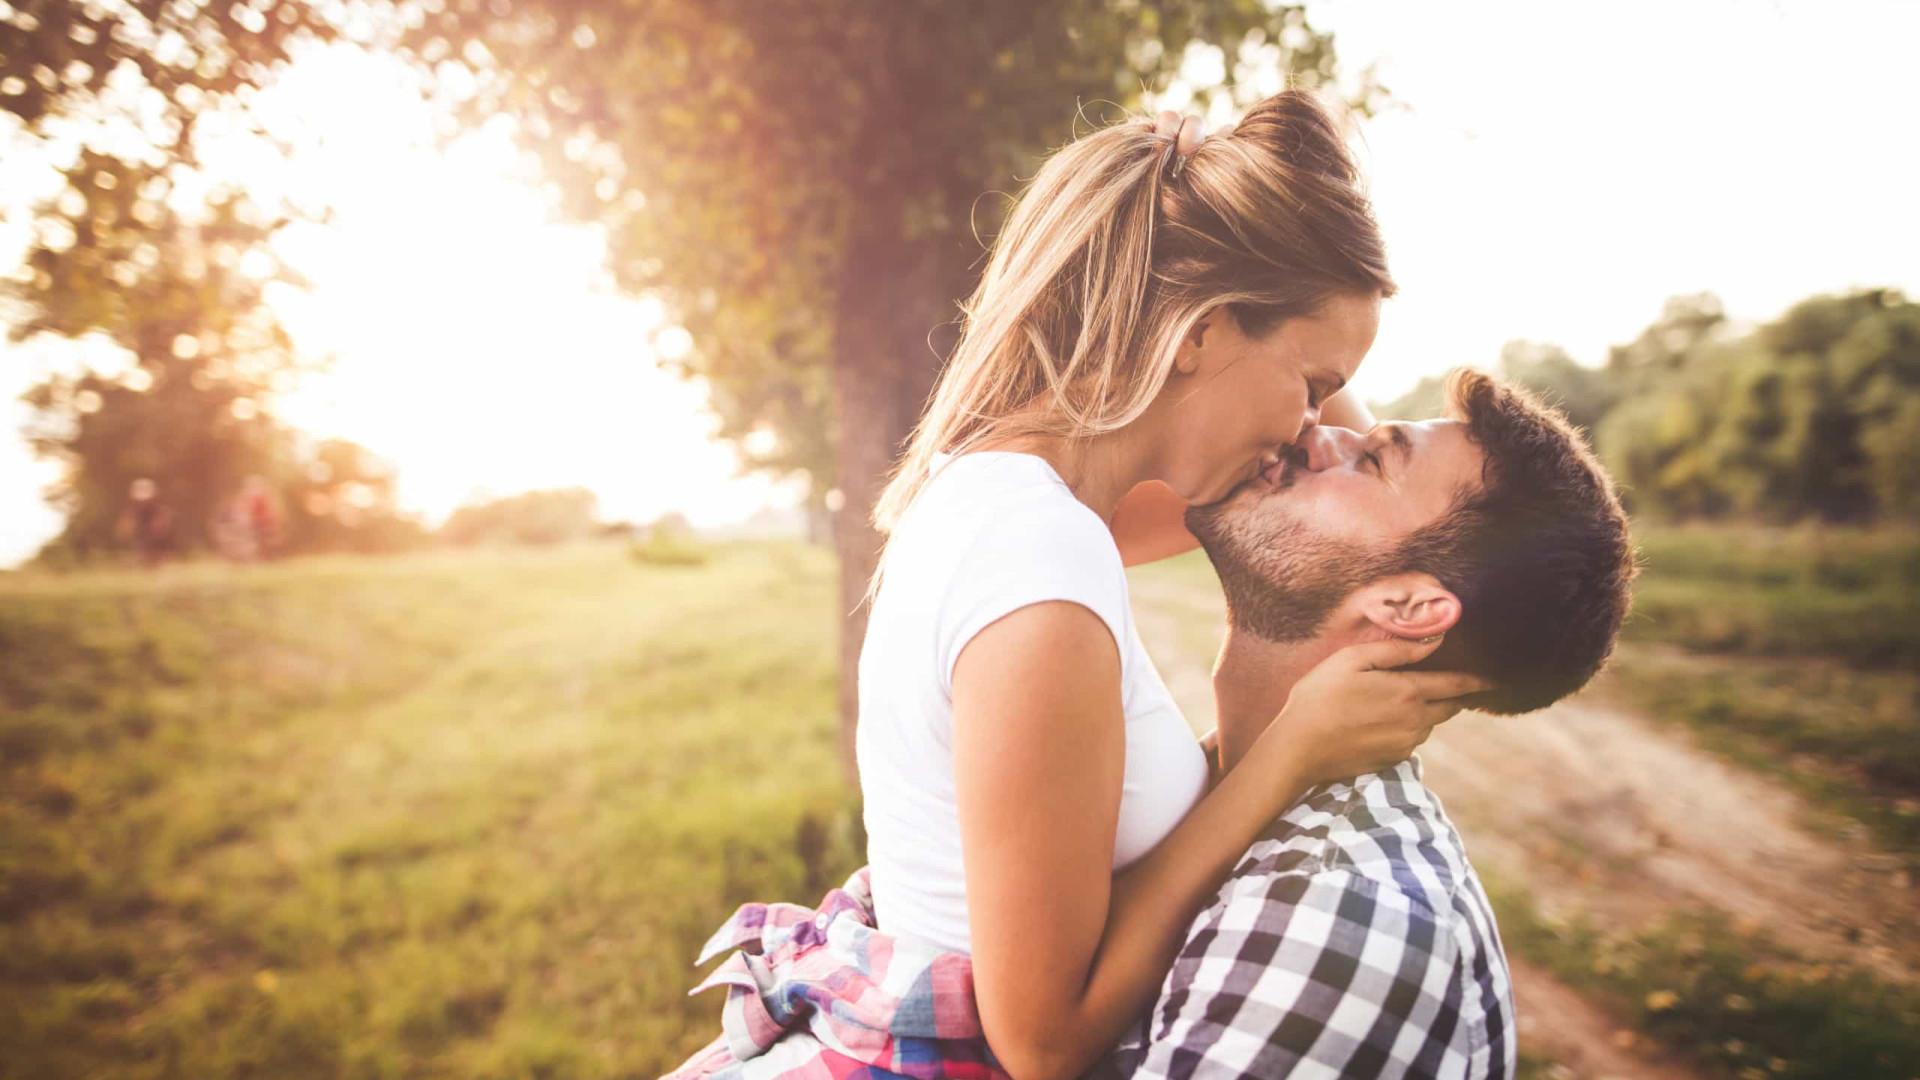 Um beijo pode transmitir doenças e cáries. Cinco medidas a tomar